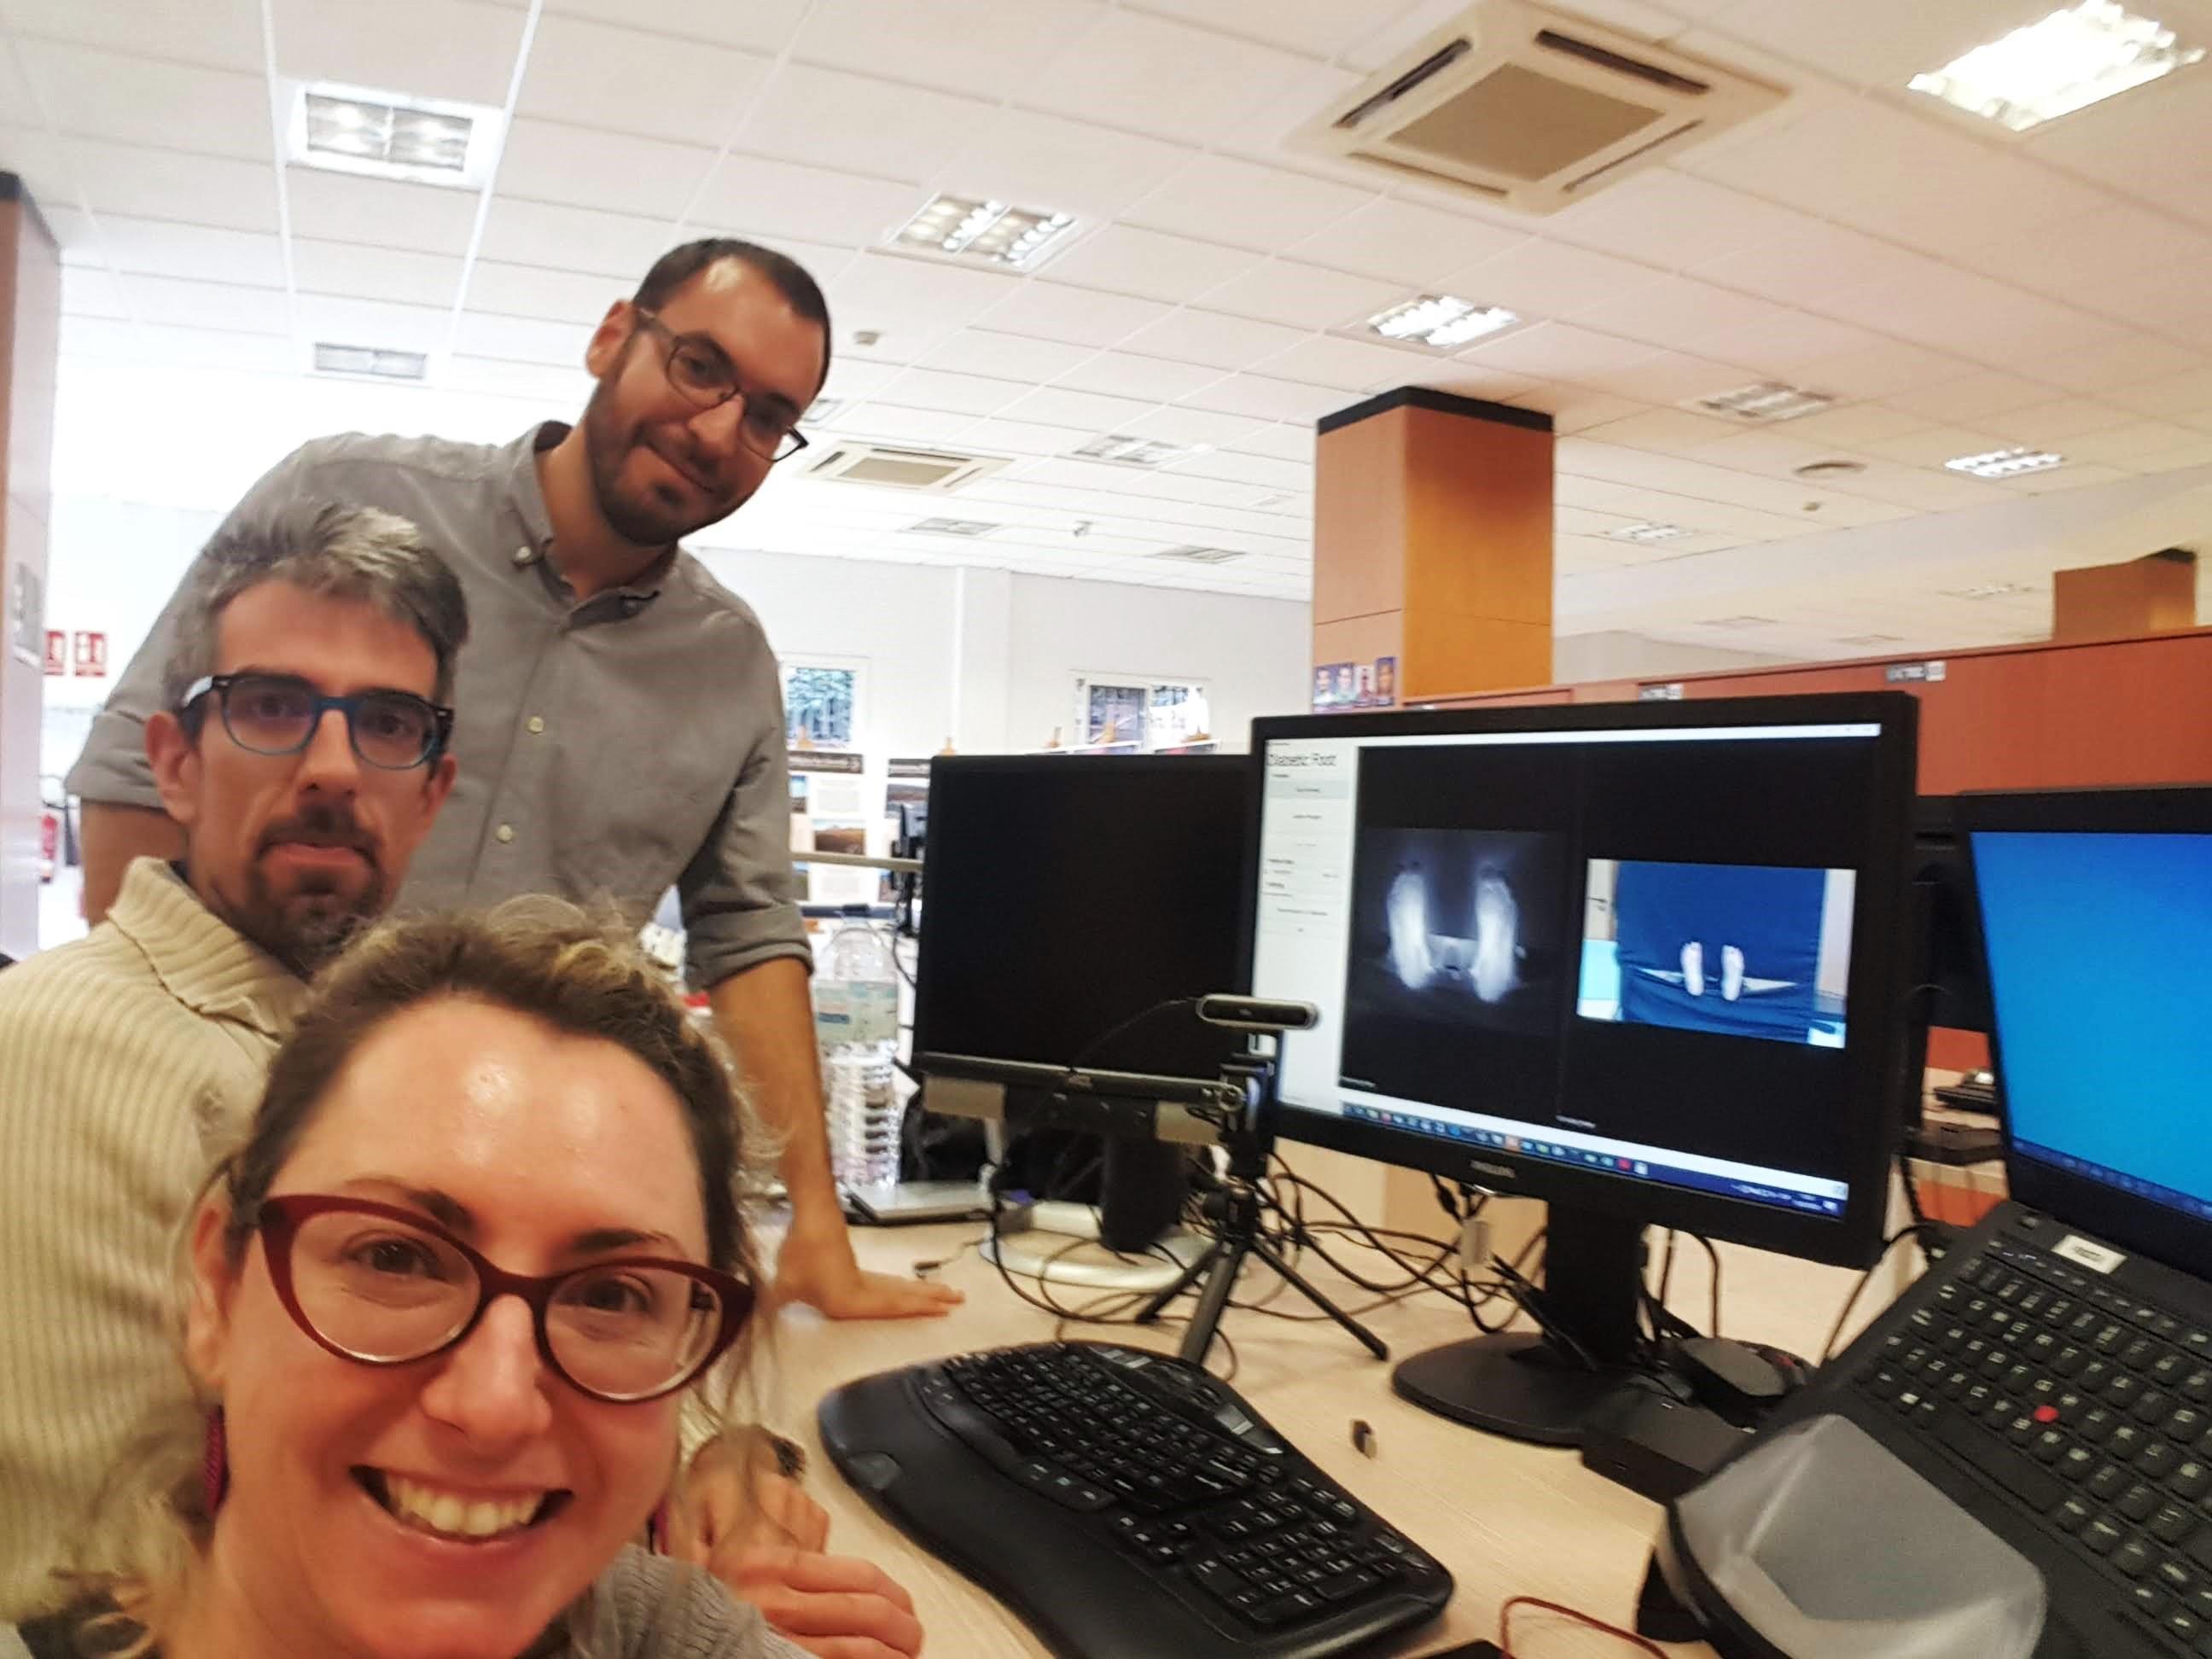 Ignacio Sidrach-Cardona, Carlos Luque y Sara González, ingenieros de IACTEC, durante el desarrollo de la aplicación de software de PINRELL en las instalaciones de IACTEC (enero 2020). Crédito: Sara González